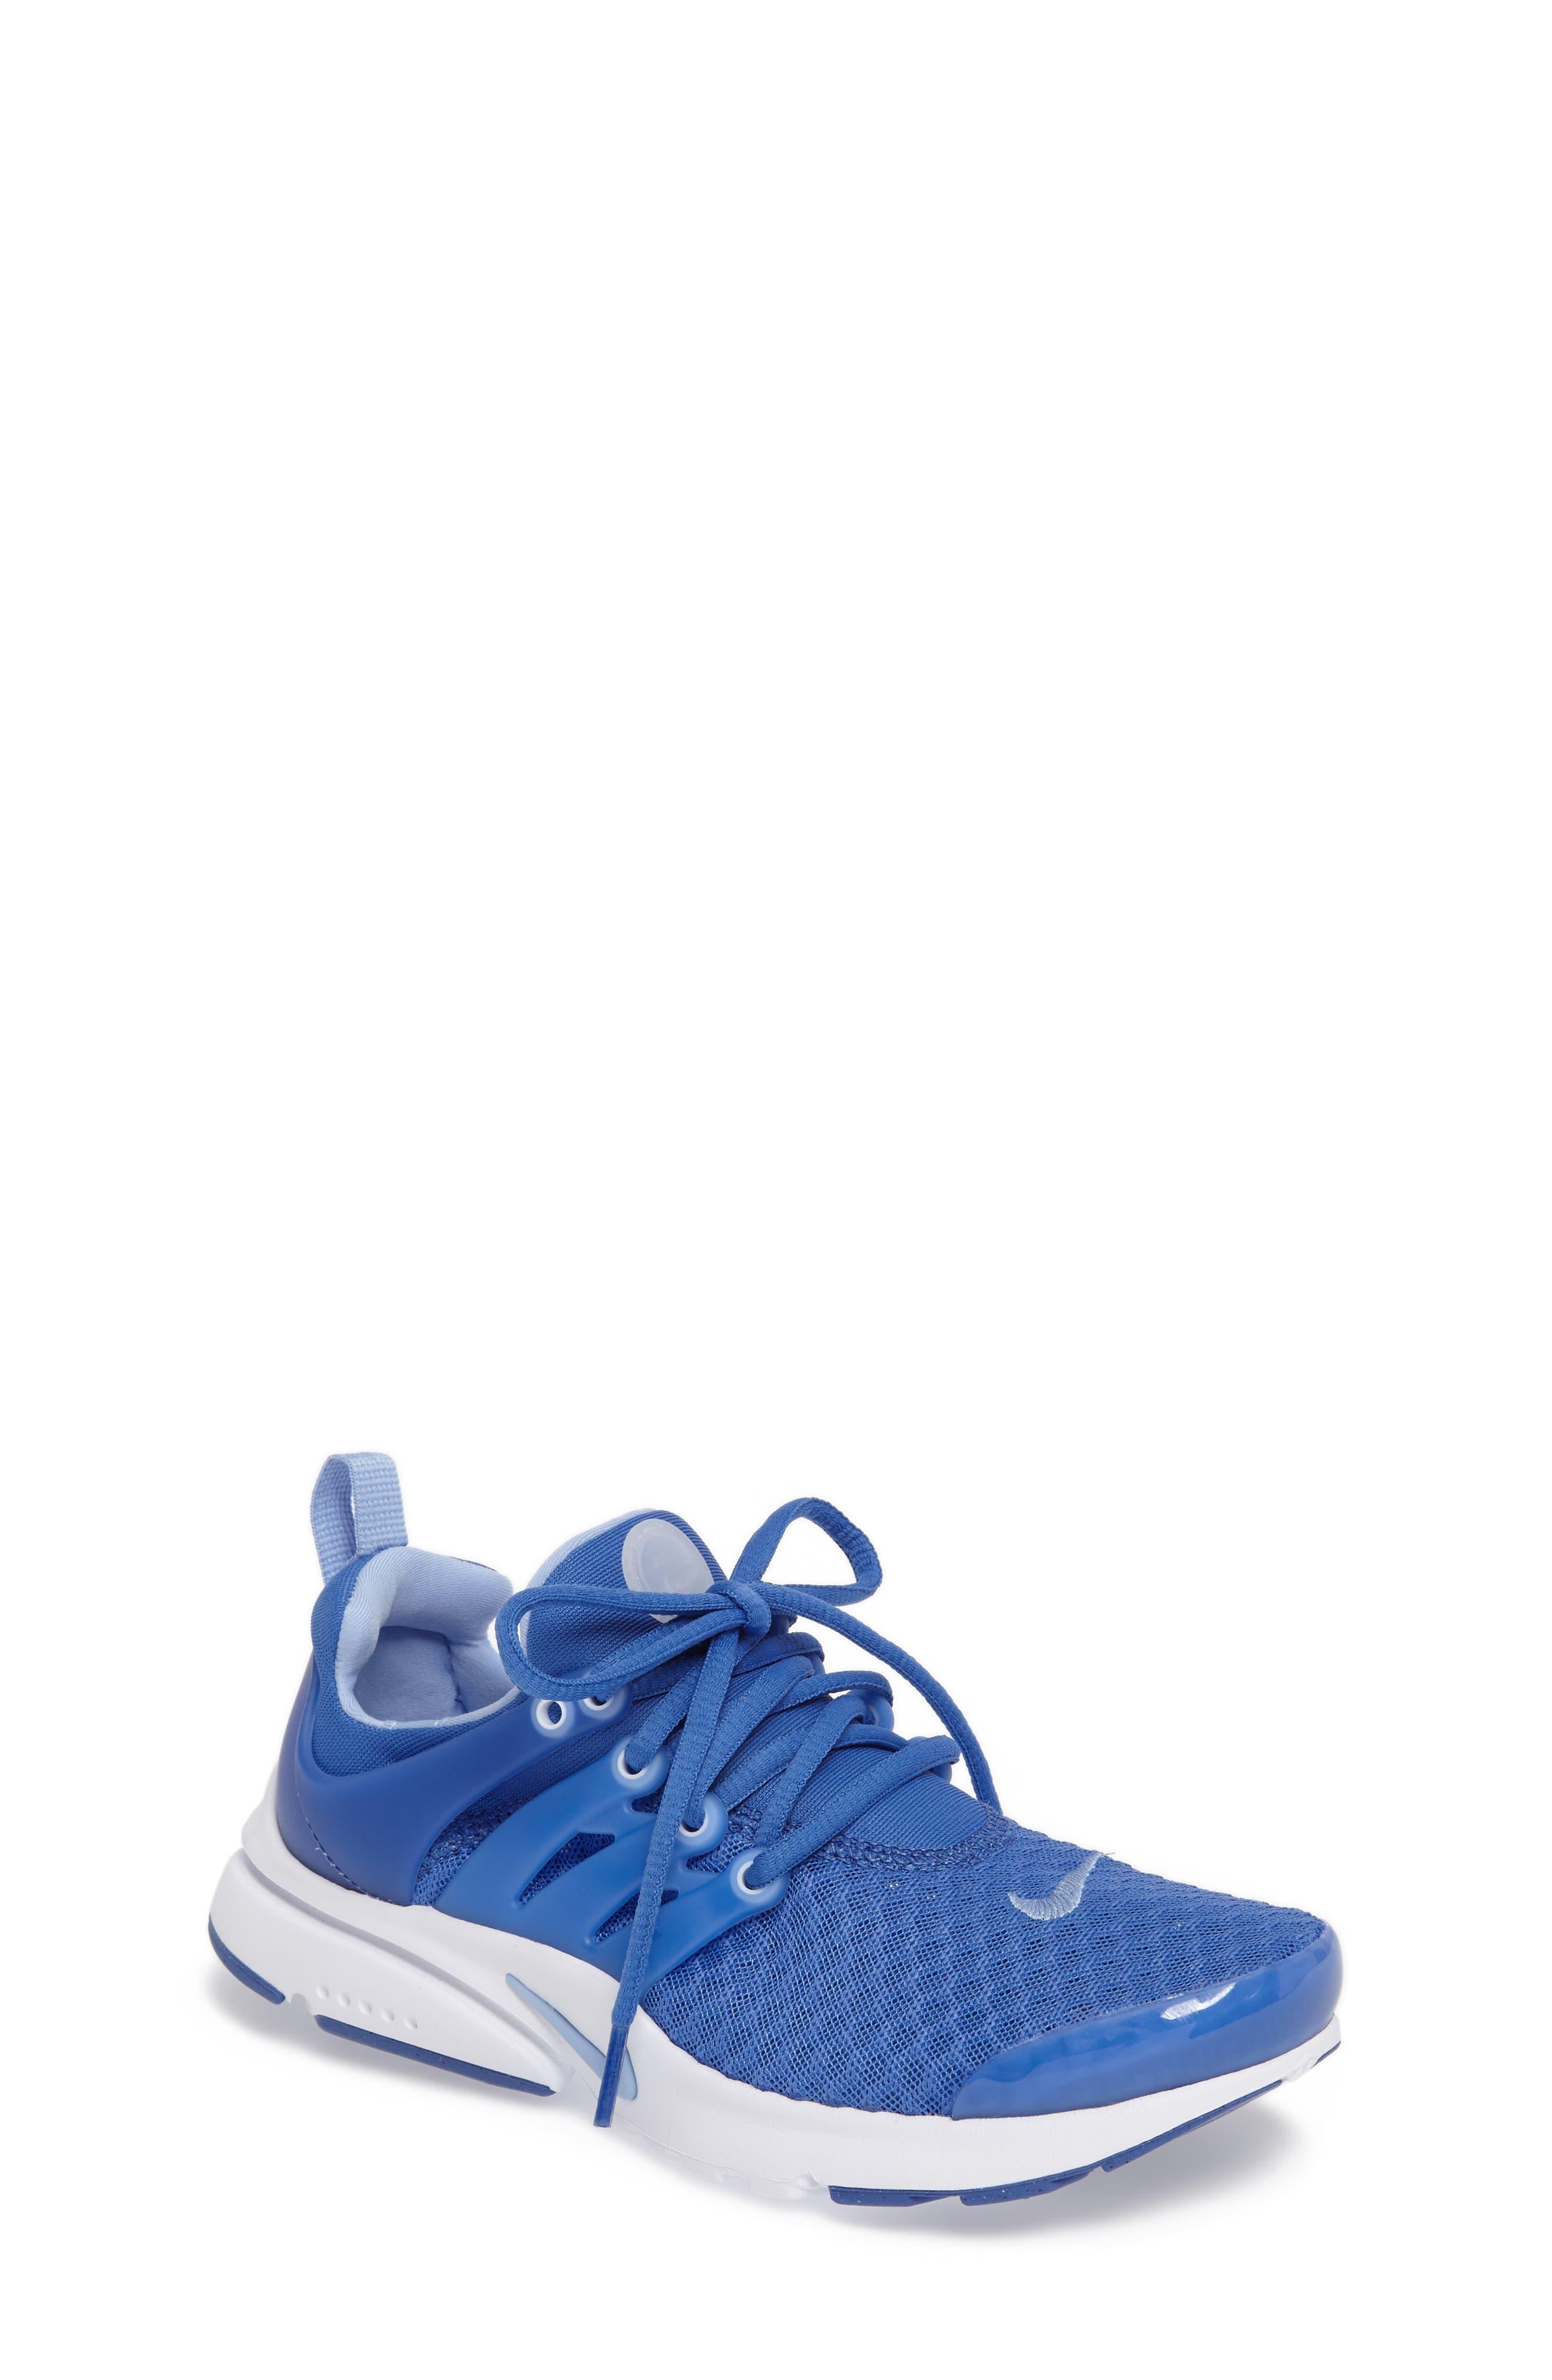 Nike Air Presto Breathe Sneaker (Big Kid)